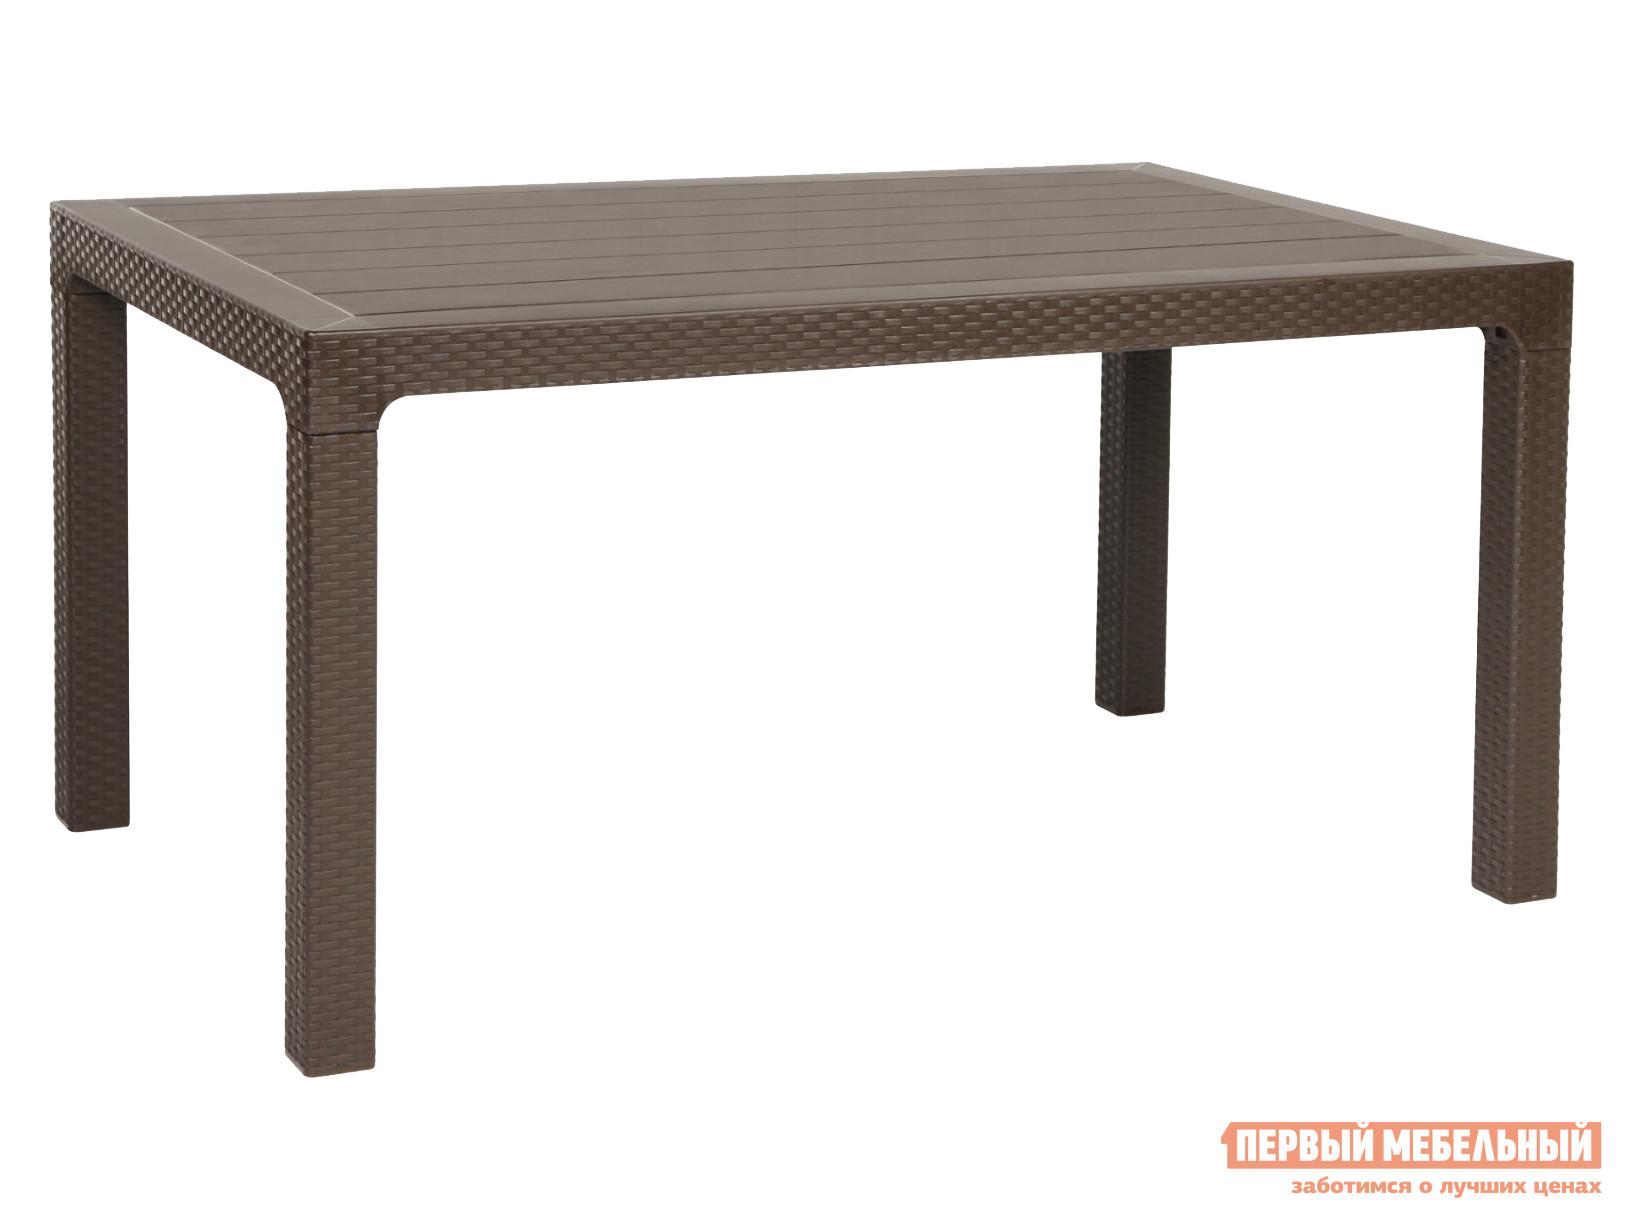 Садовый стол Рихаус Стол пластиковый без стекла DEL/AR-R/90x150/F пластиковый стул рихаус net 4032656000 4032675000